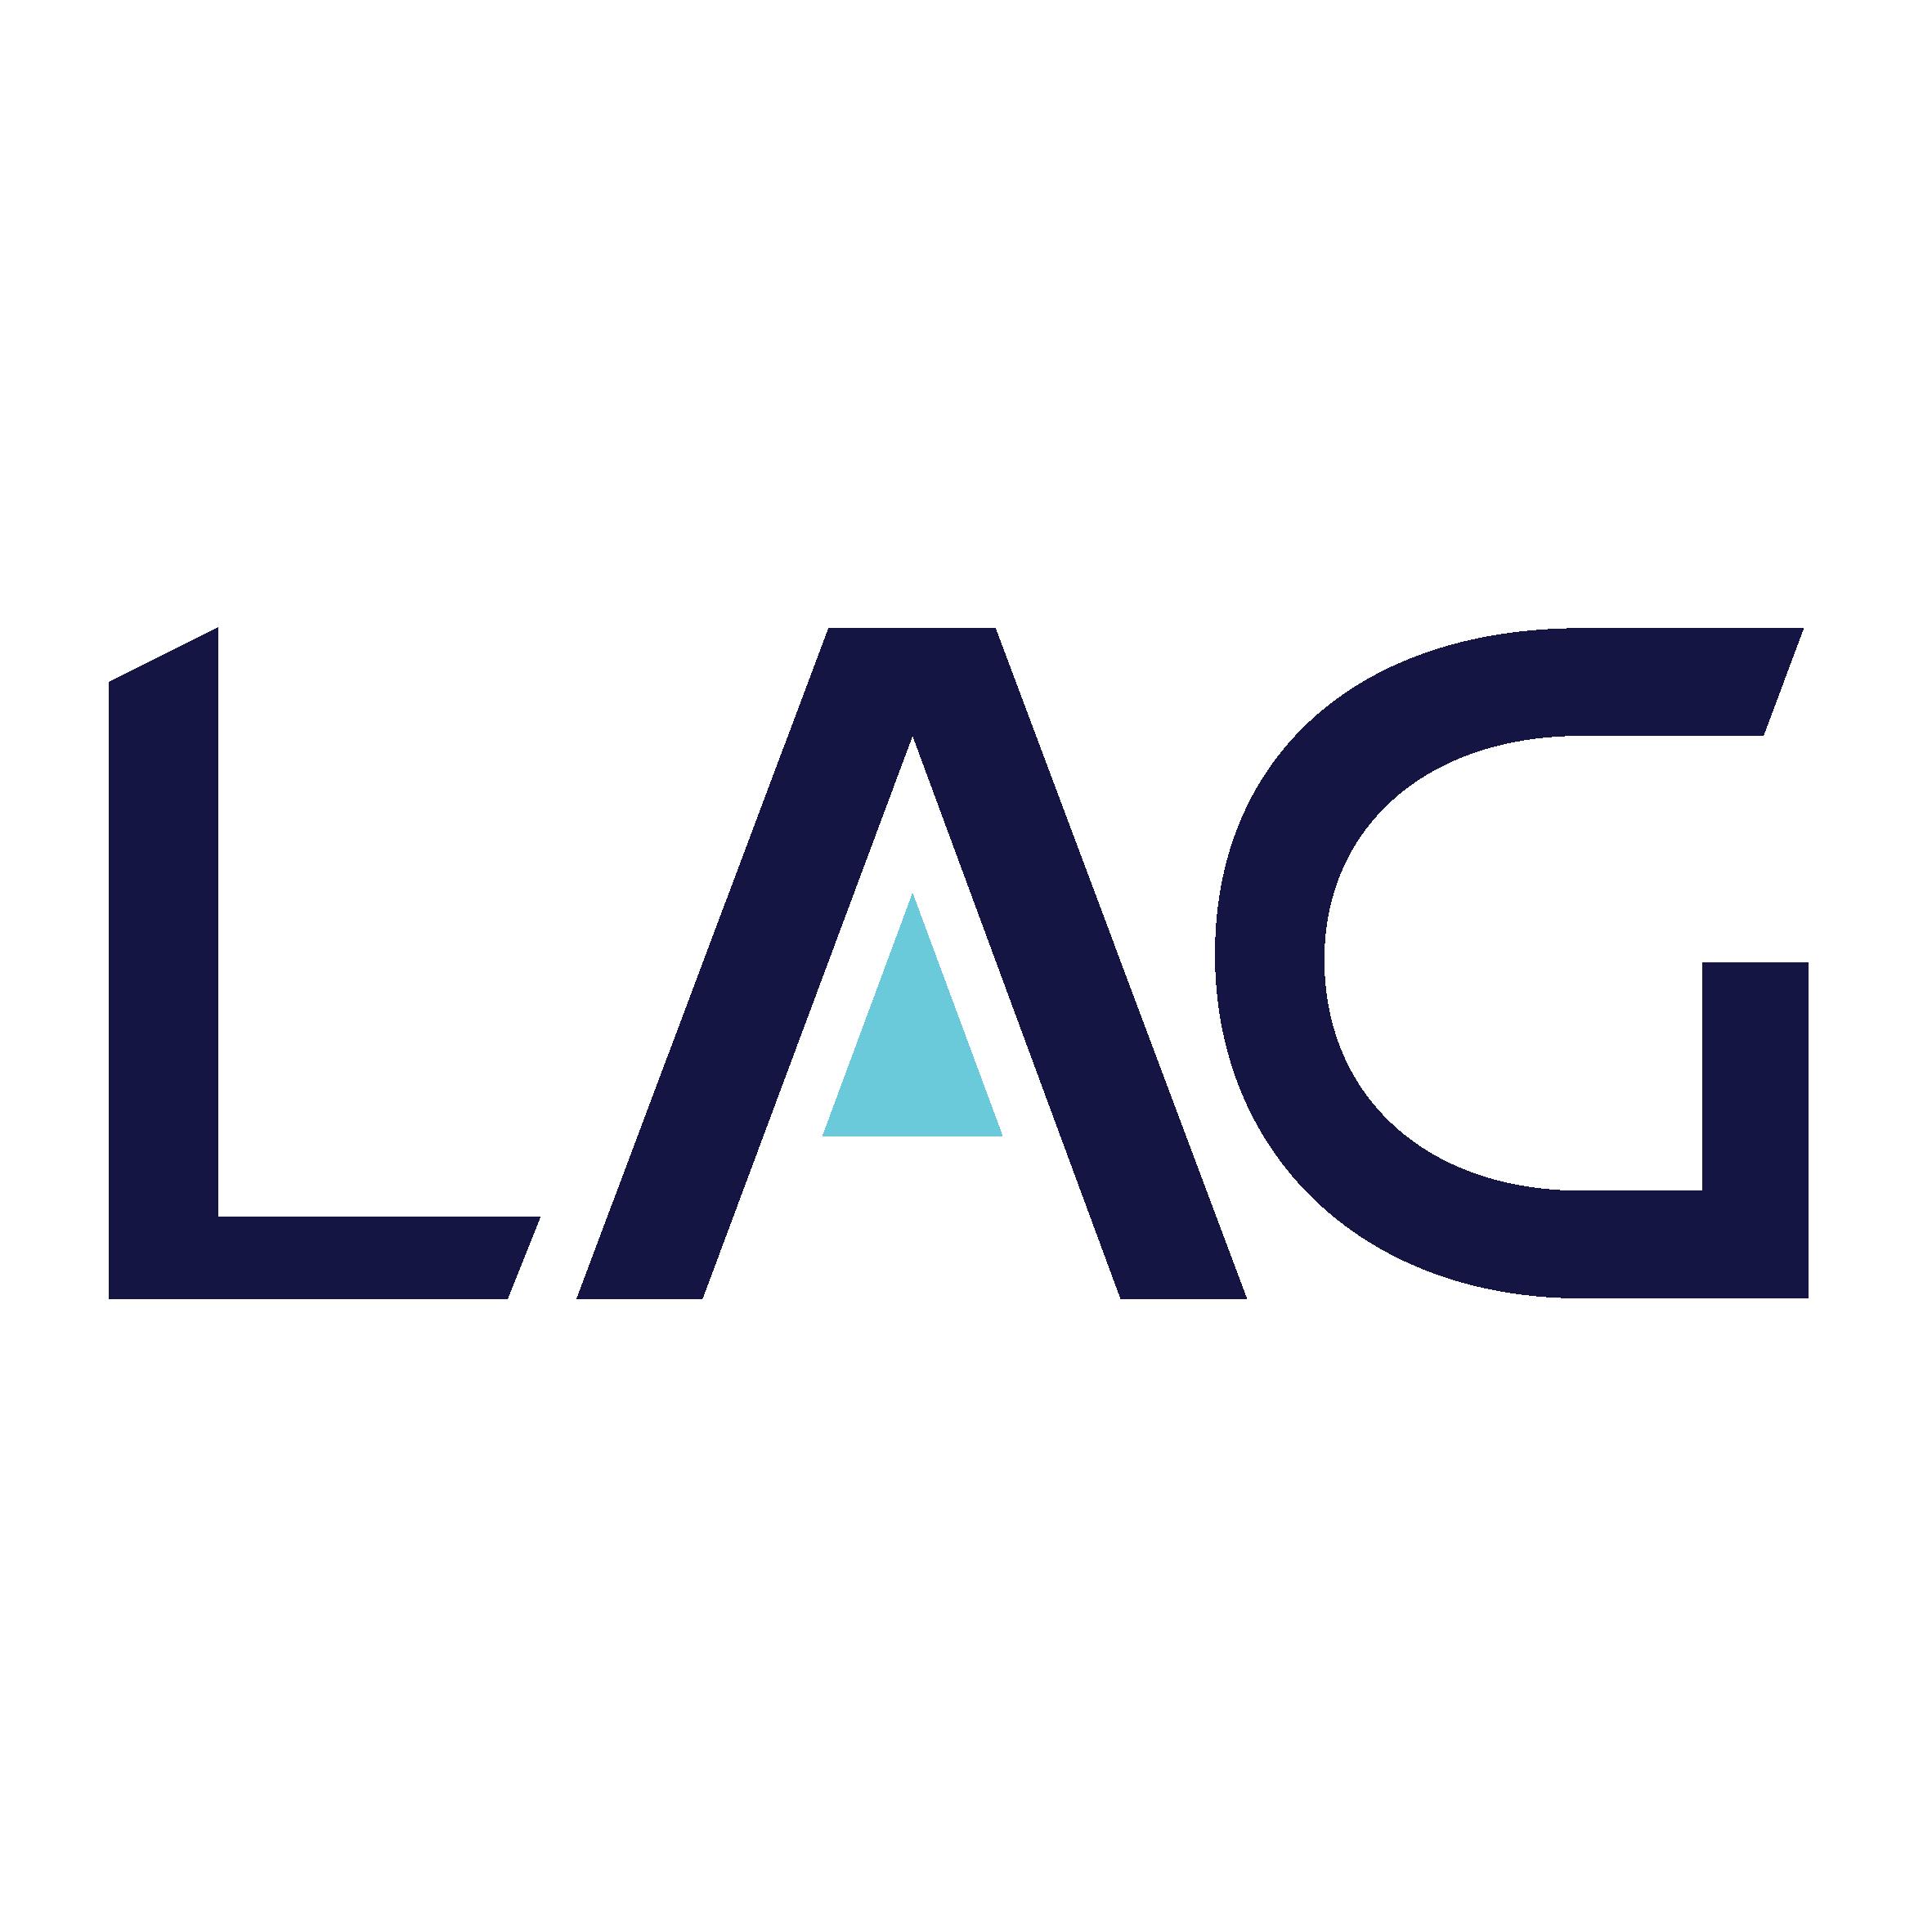 LOGO-HUBSPOT-LAG-CARRÉ_Plan de travail 1